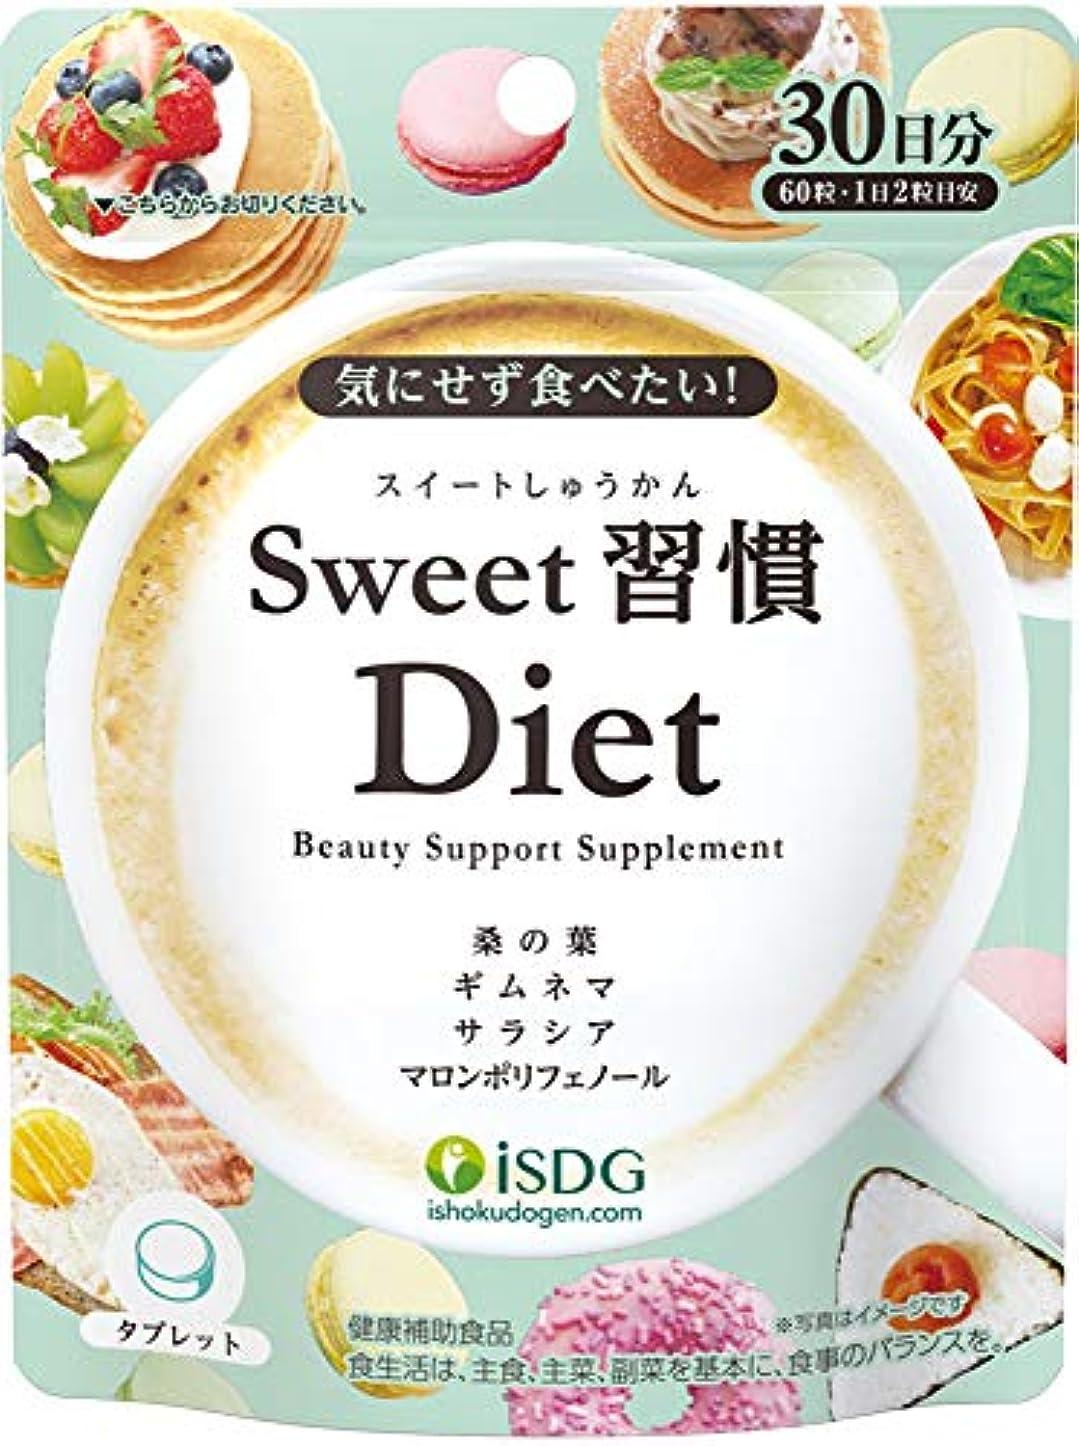 オーブン性的王族ISDG 医食同源ドットコム Sweet習慣Diet サプリメント [ 桑の葉 ギムネマ サラシア マロンポリフェノール] 日本製 60粒 30日分